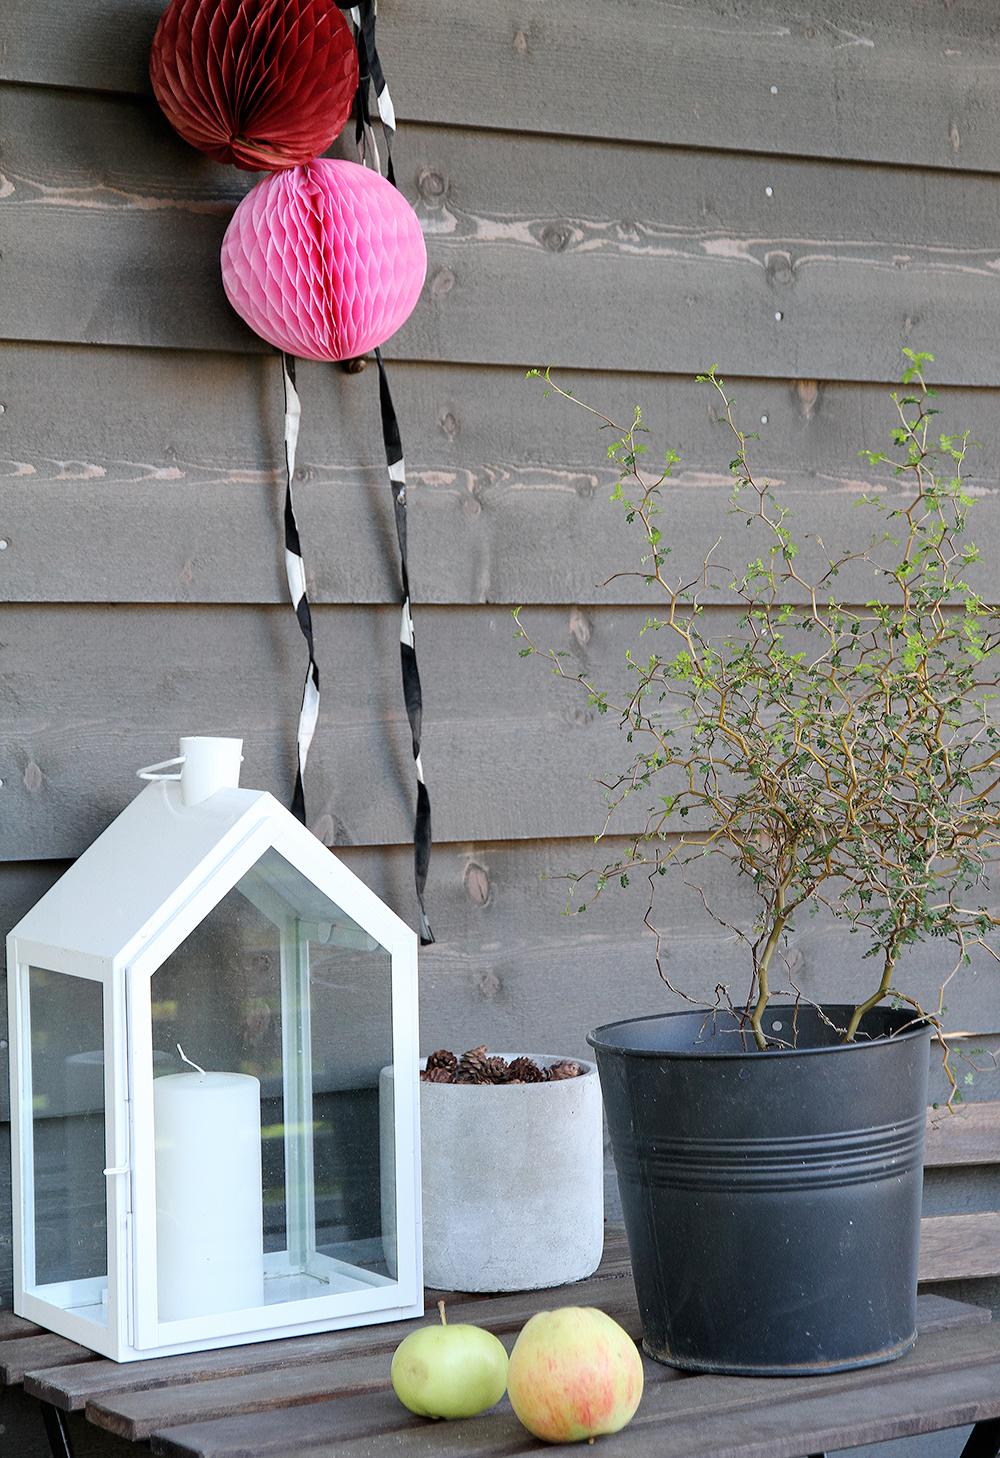 hunajaista kummituspuu terassi home koti sisustus